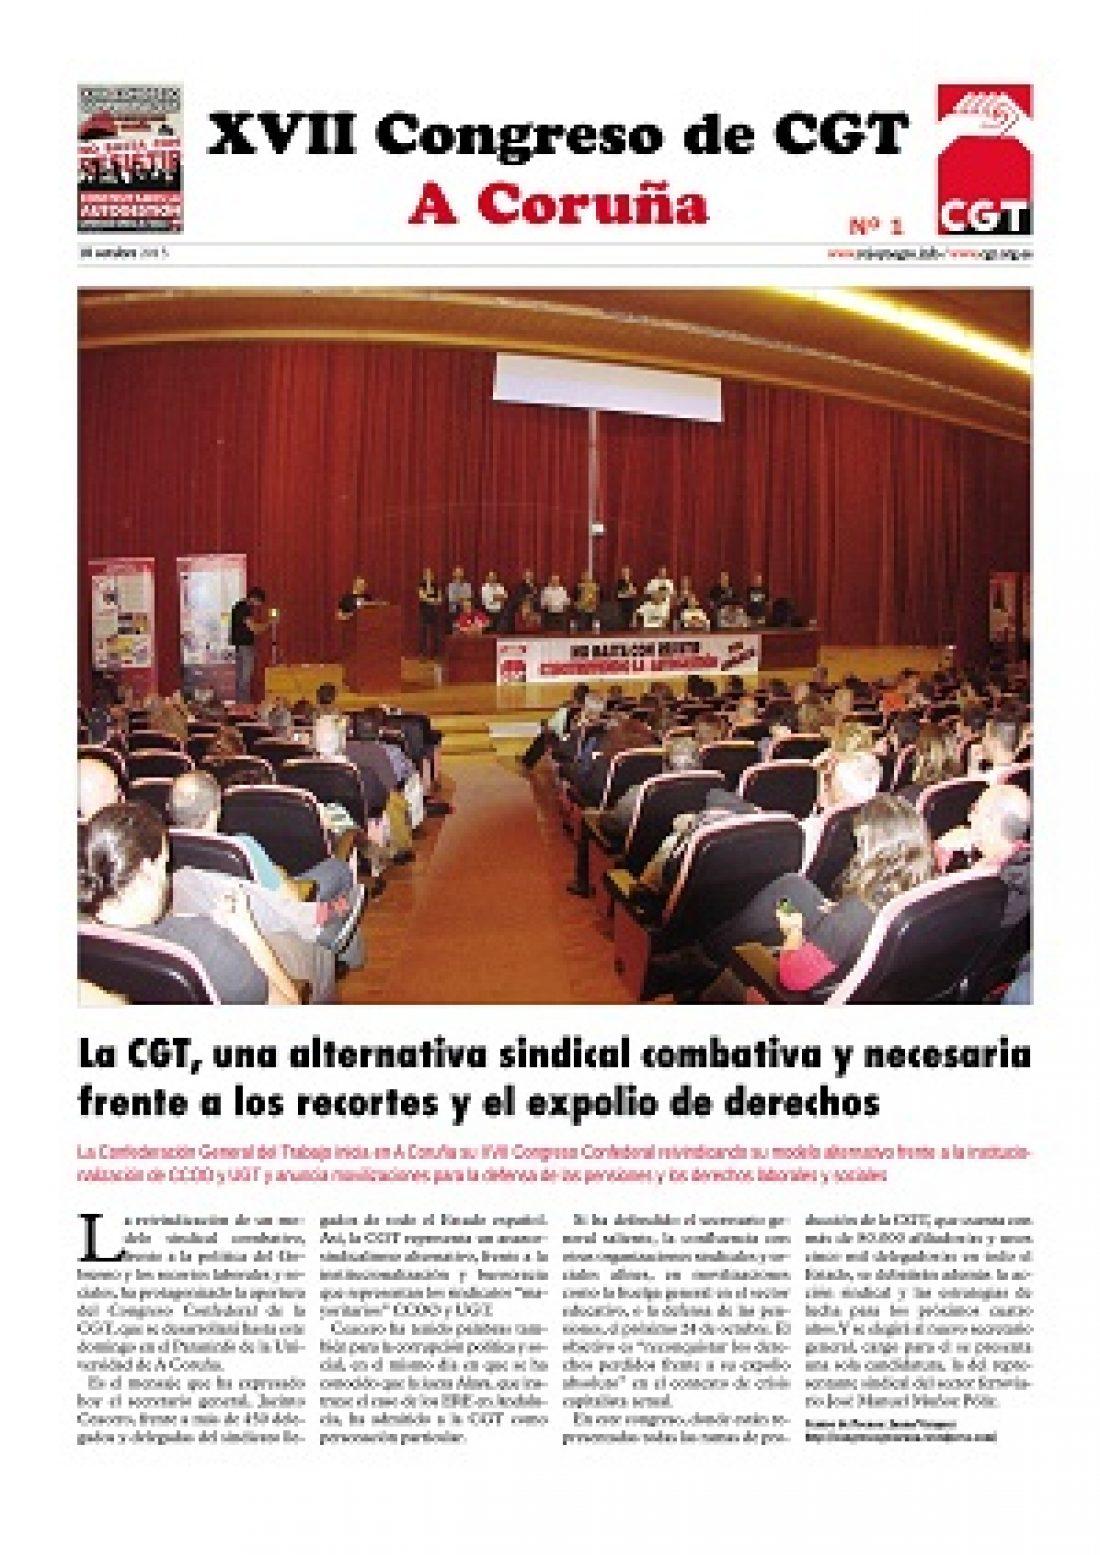 Diario del XVII Congreso Confederal